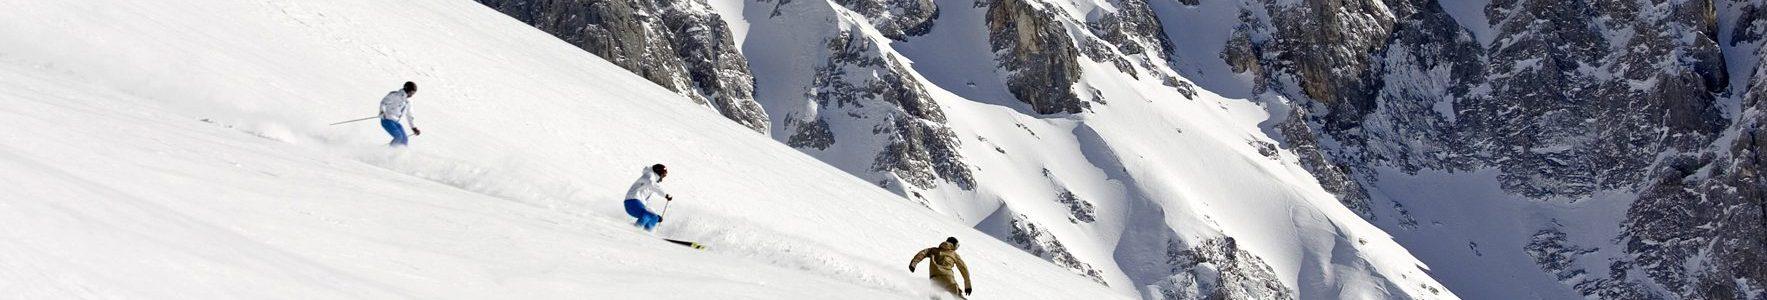 Einführung Skitouren 7. – 10.2.2019 Bayrisches Oberland